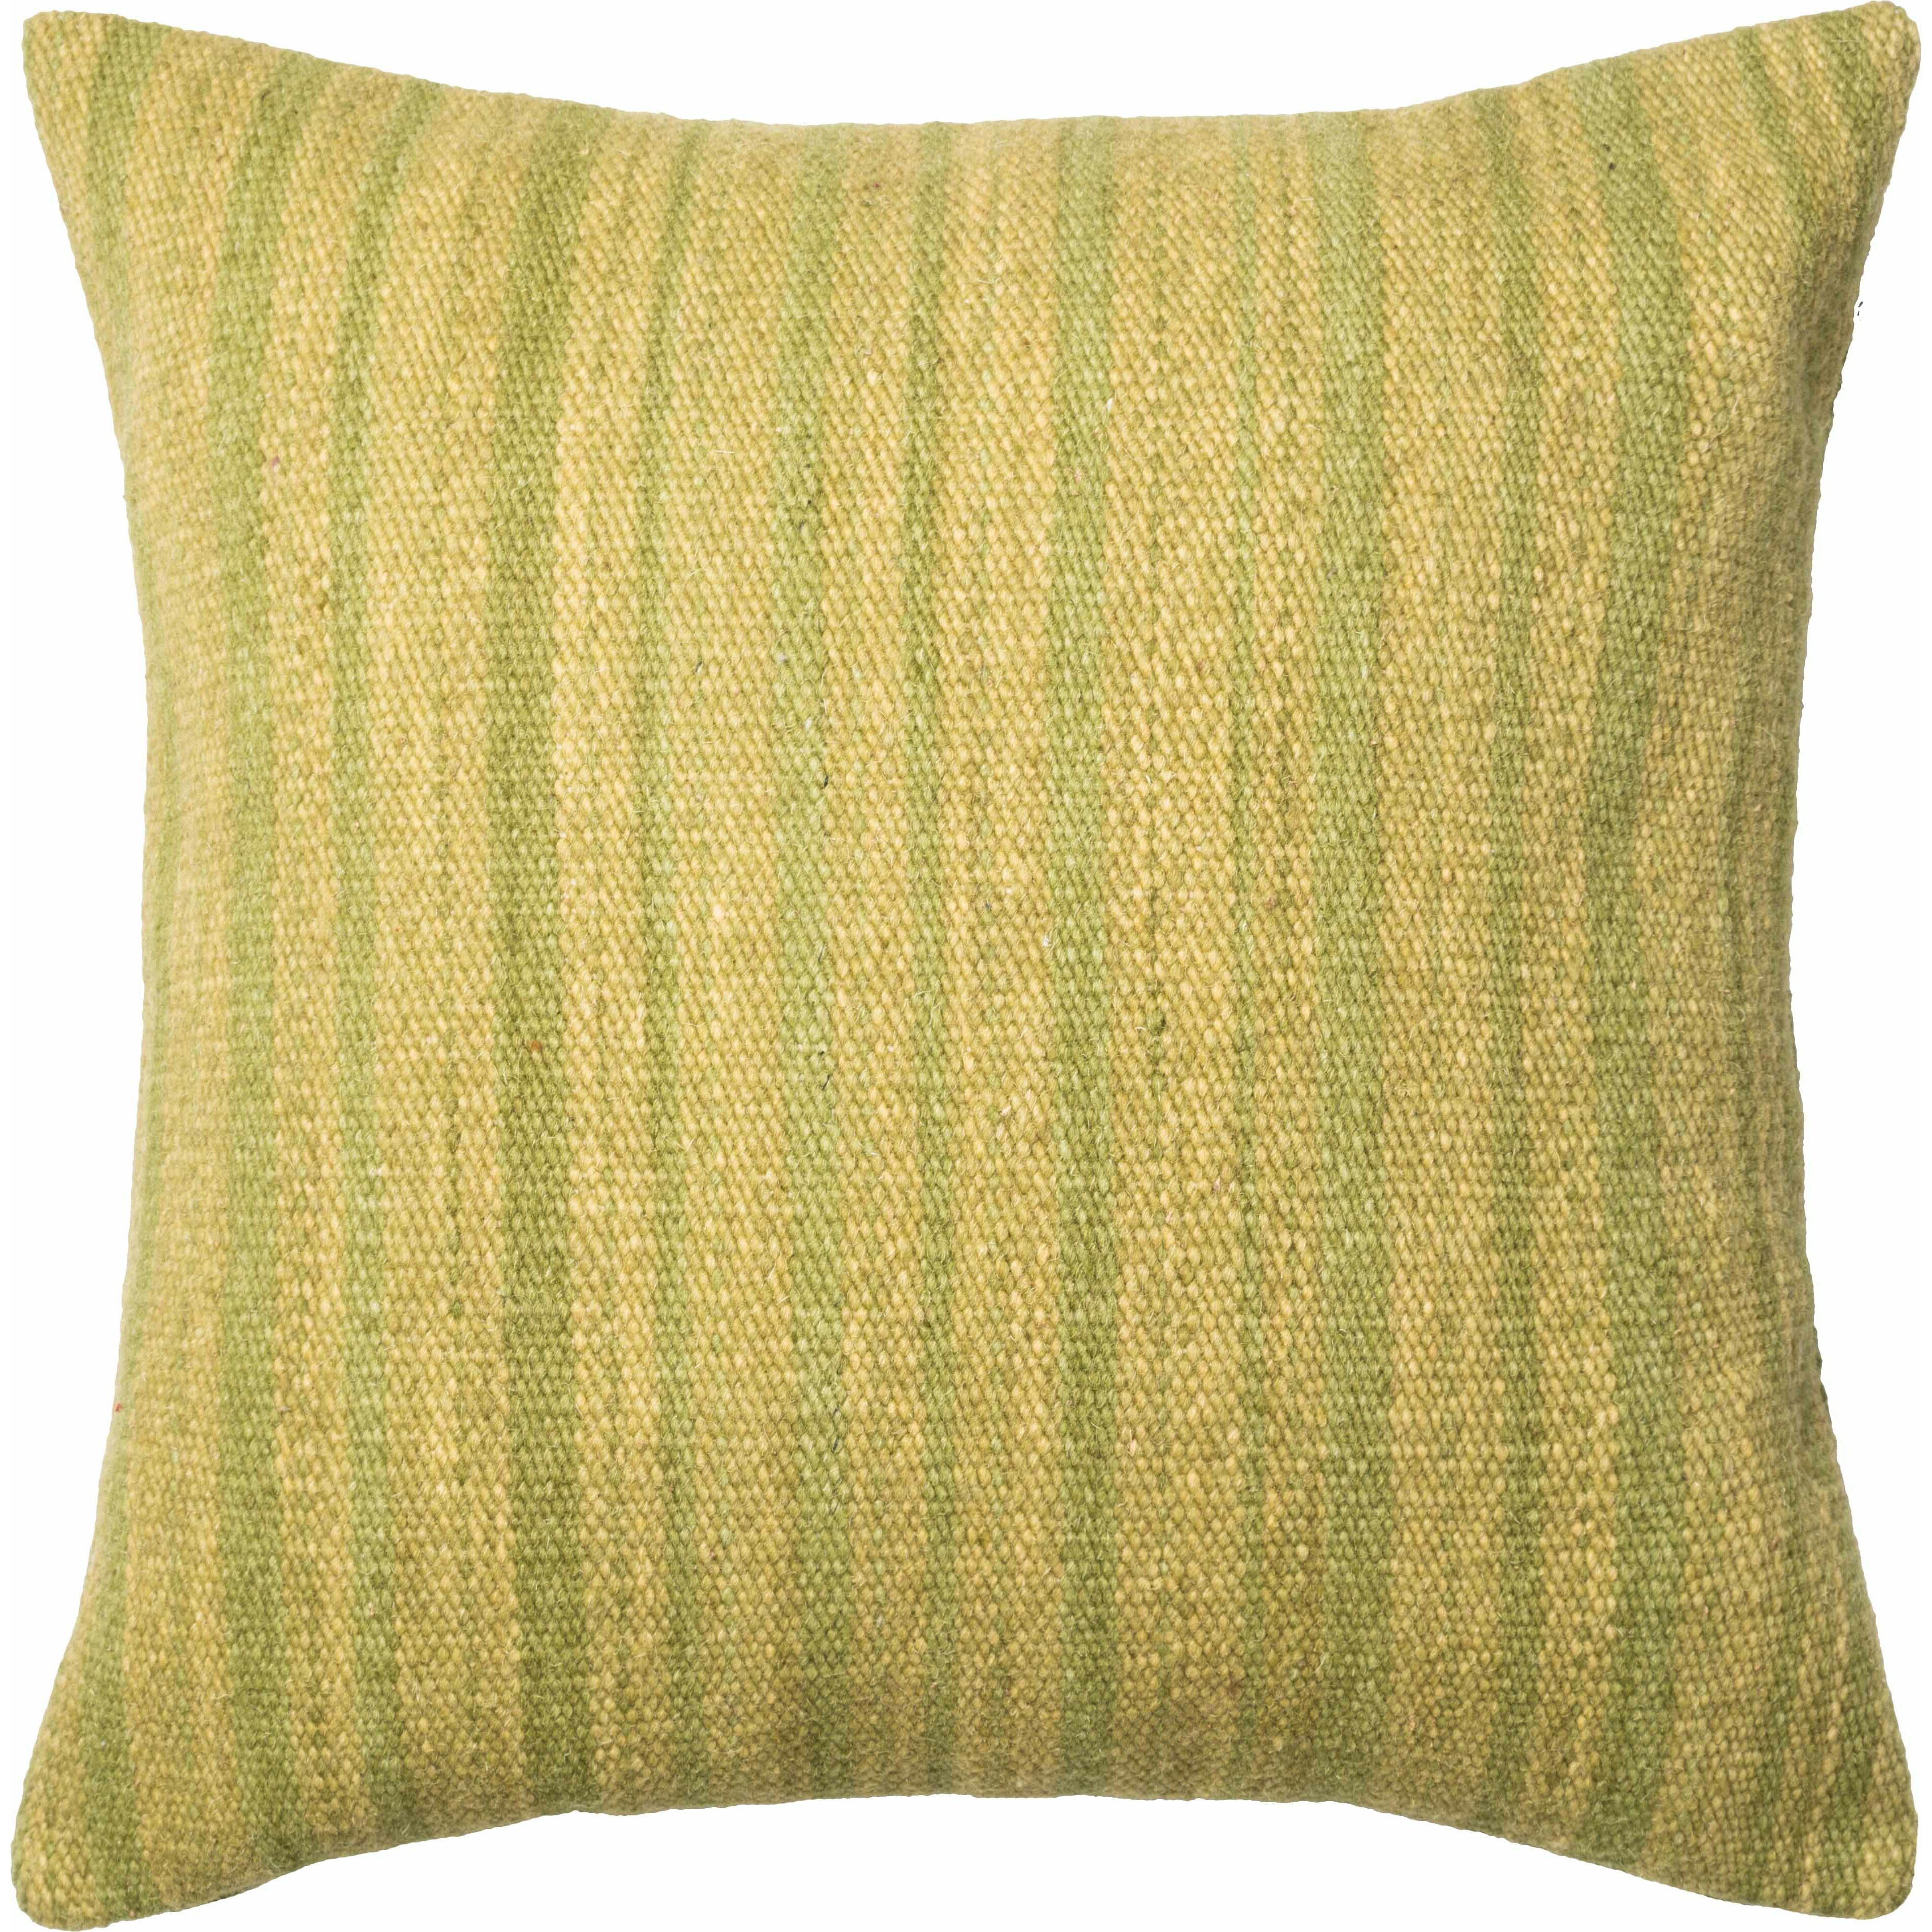 Wayfair Green Throw Pillows : Loloi Rugs Throw Pillow & Reviews Wayfair